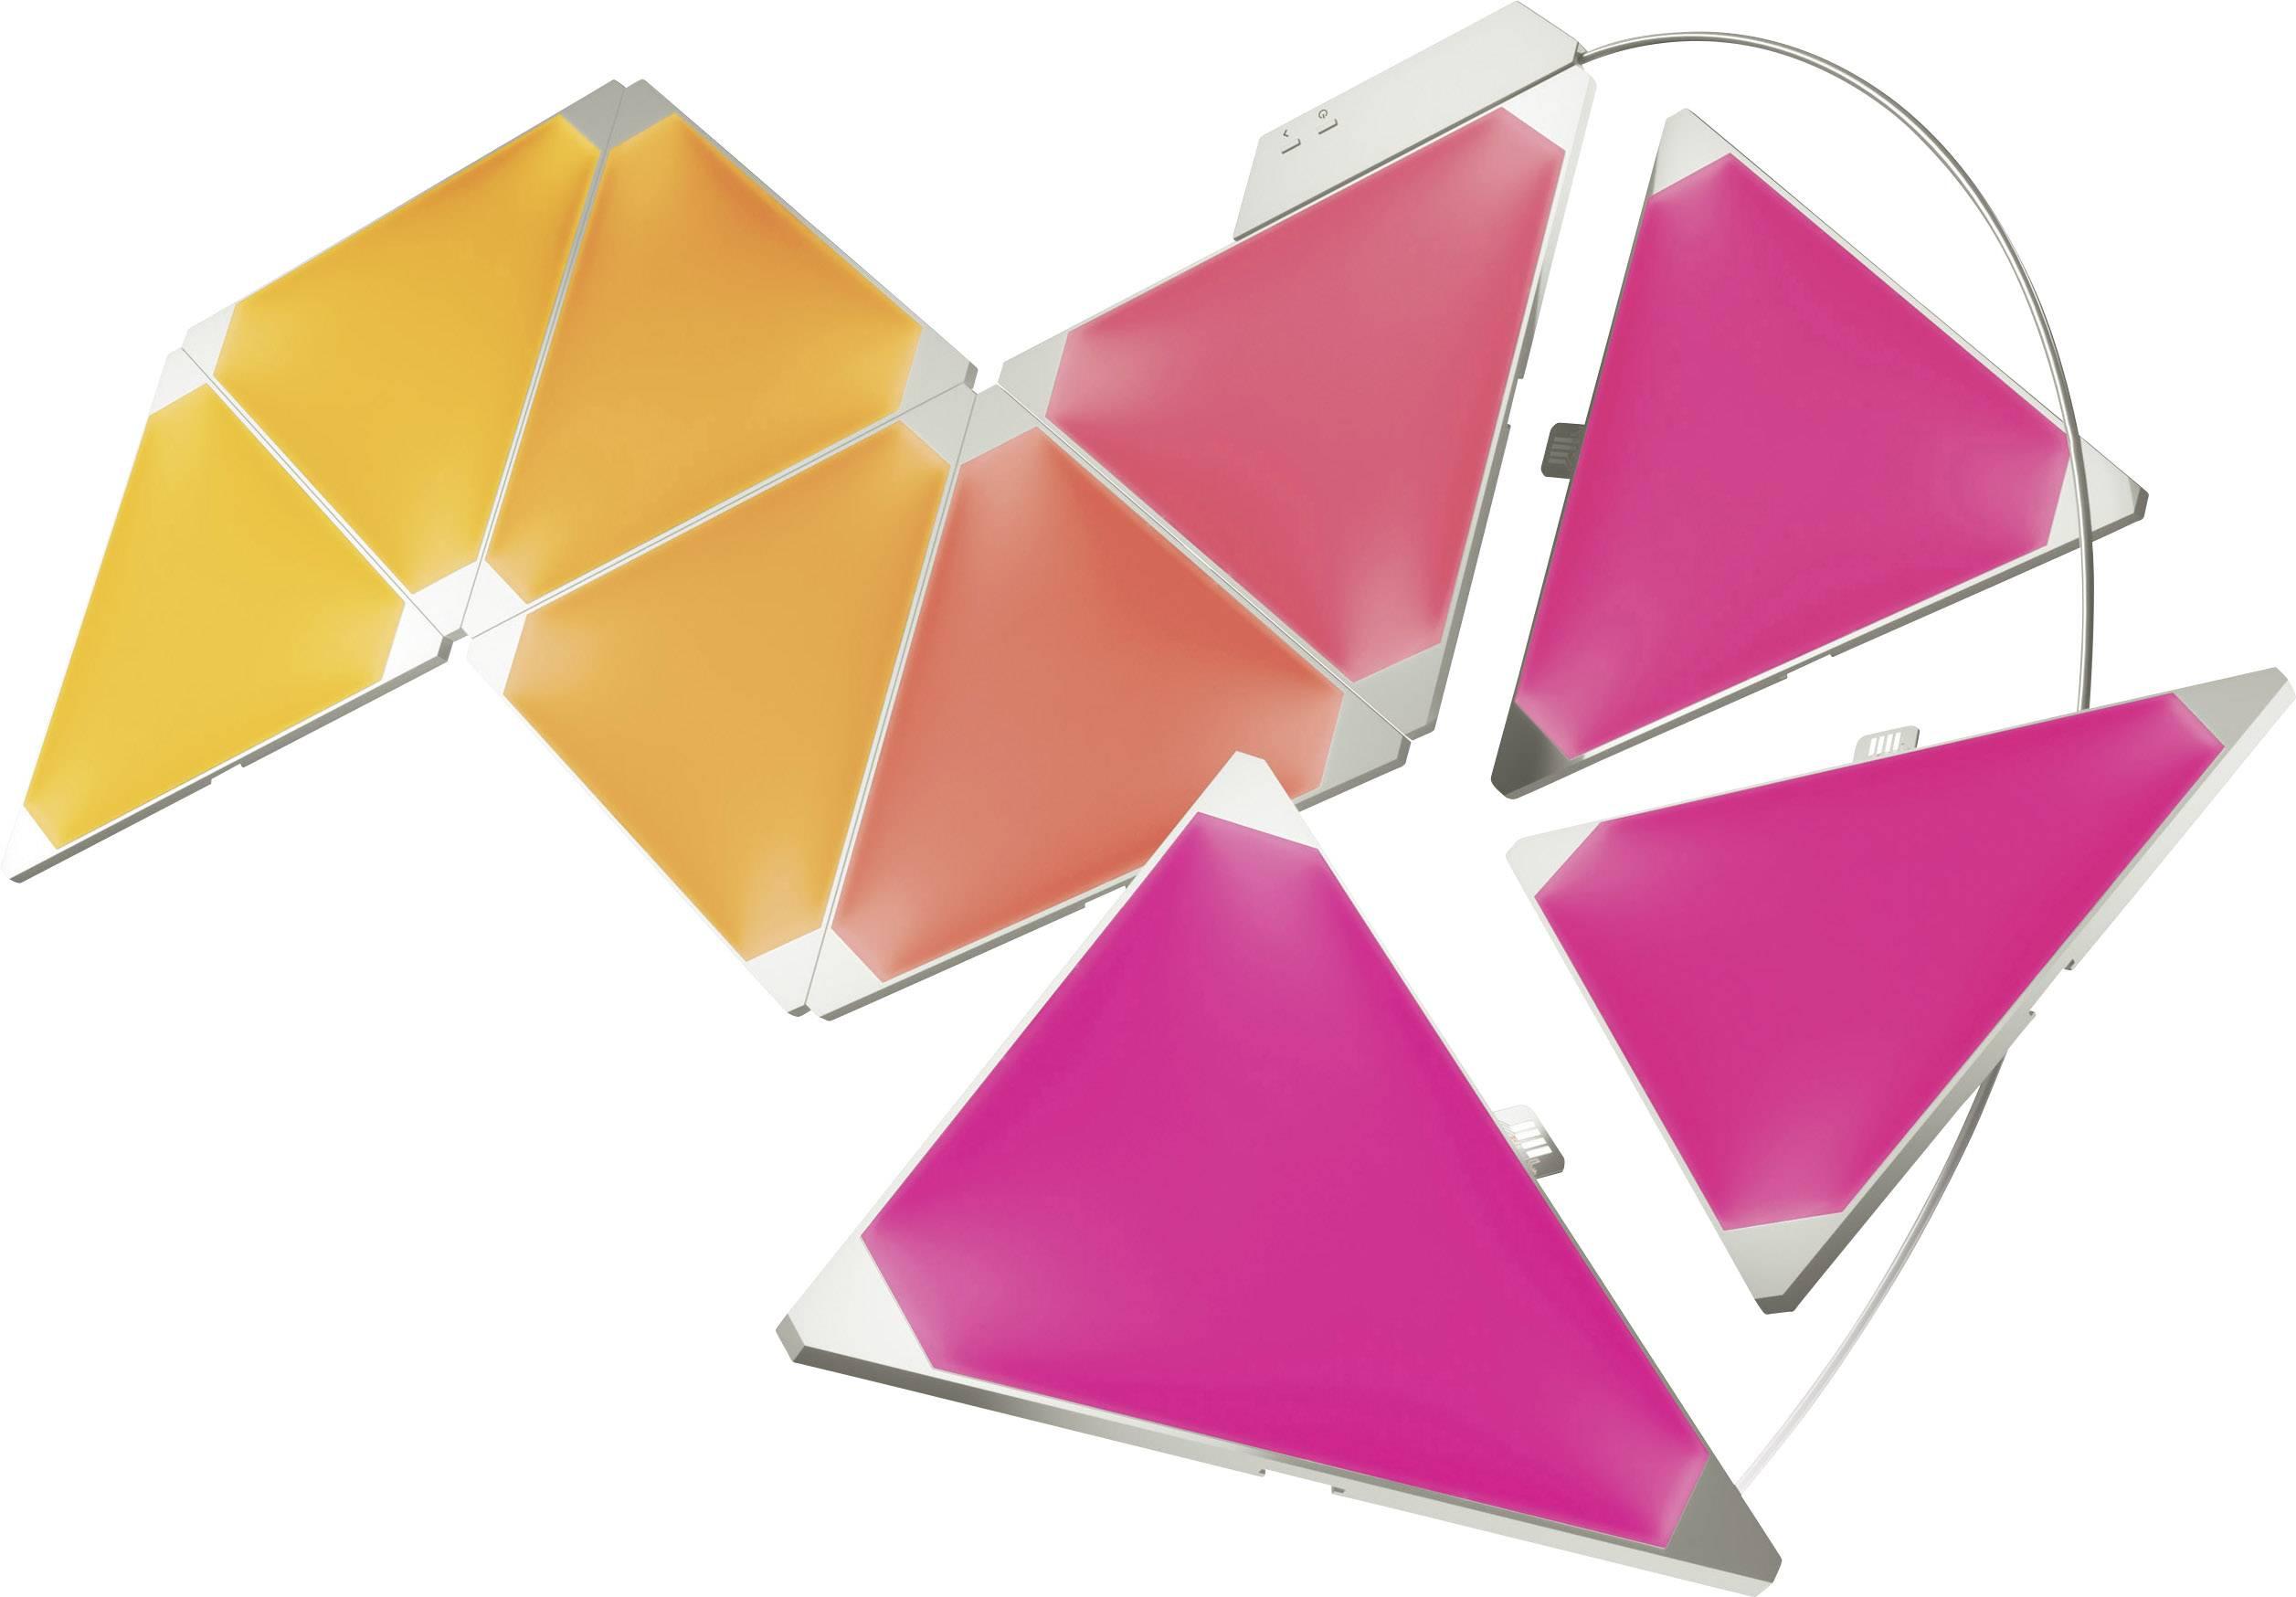 Chytré LED dekorační světelné panely, startovací sada Nanoleaf Aurora PWZ-5900 s Wi-Fi, 18 W, RGBW